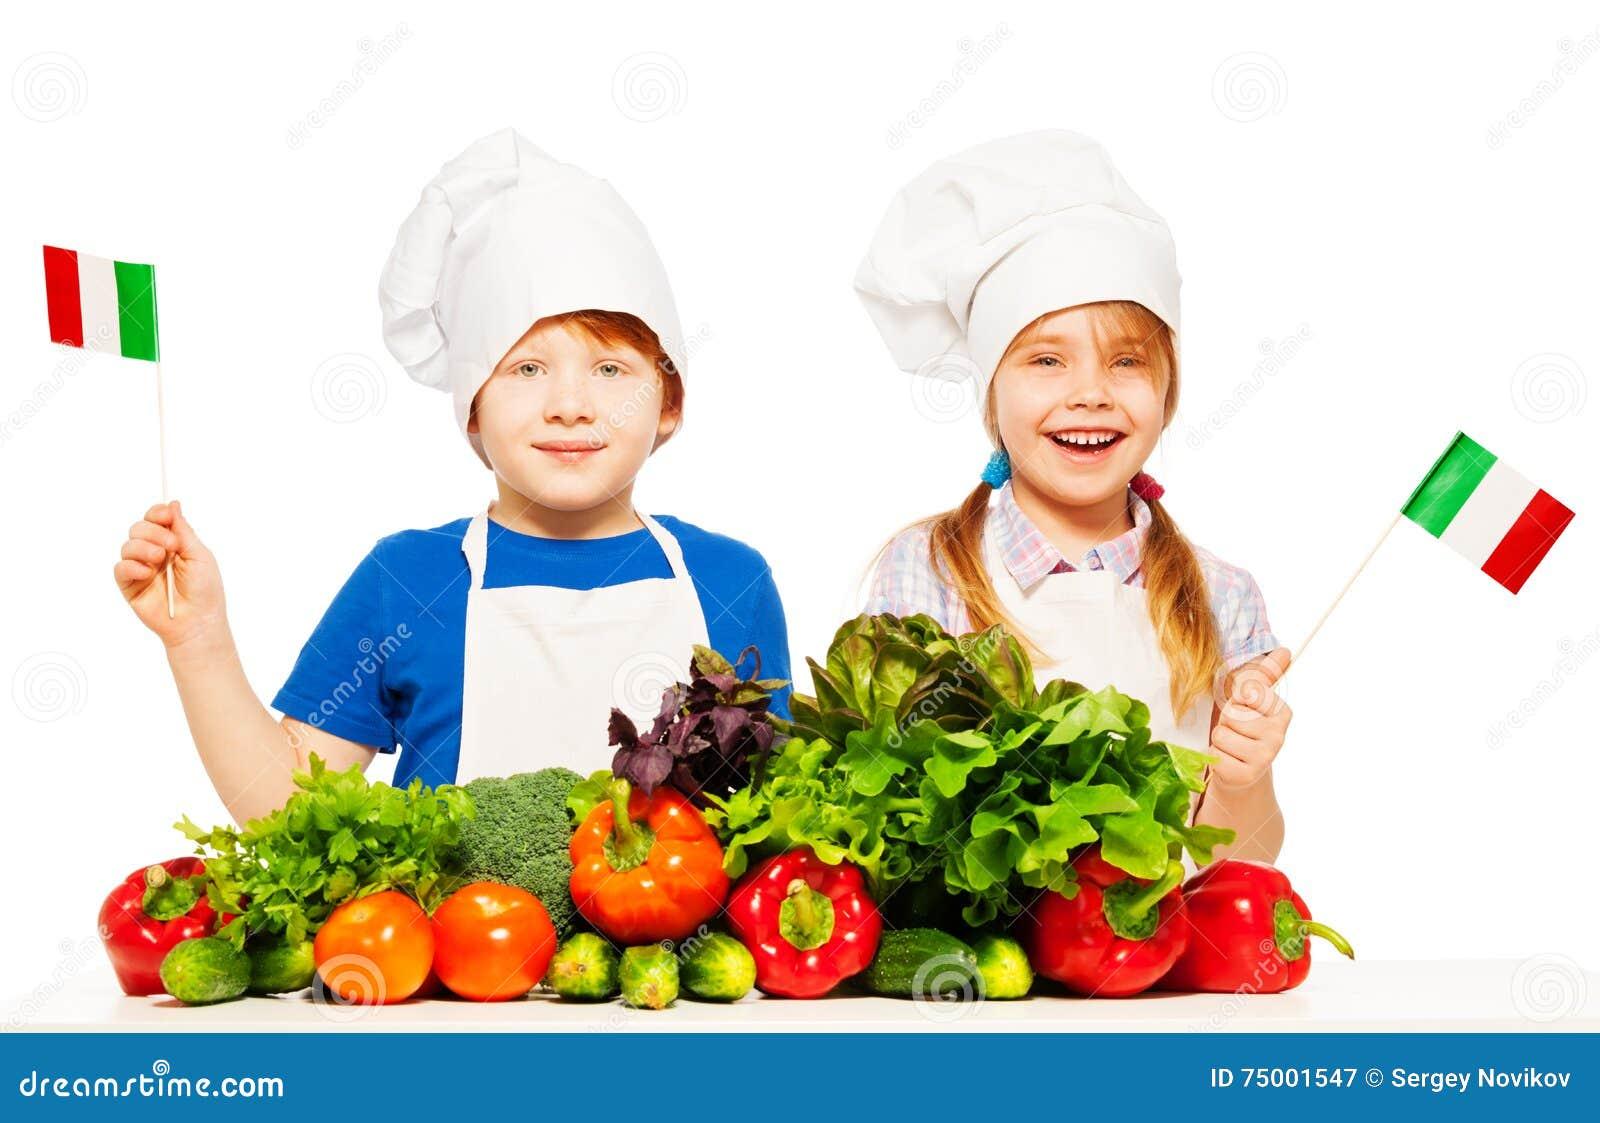 Gelukkige jonge Italiaanse koks met groene groenten